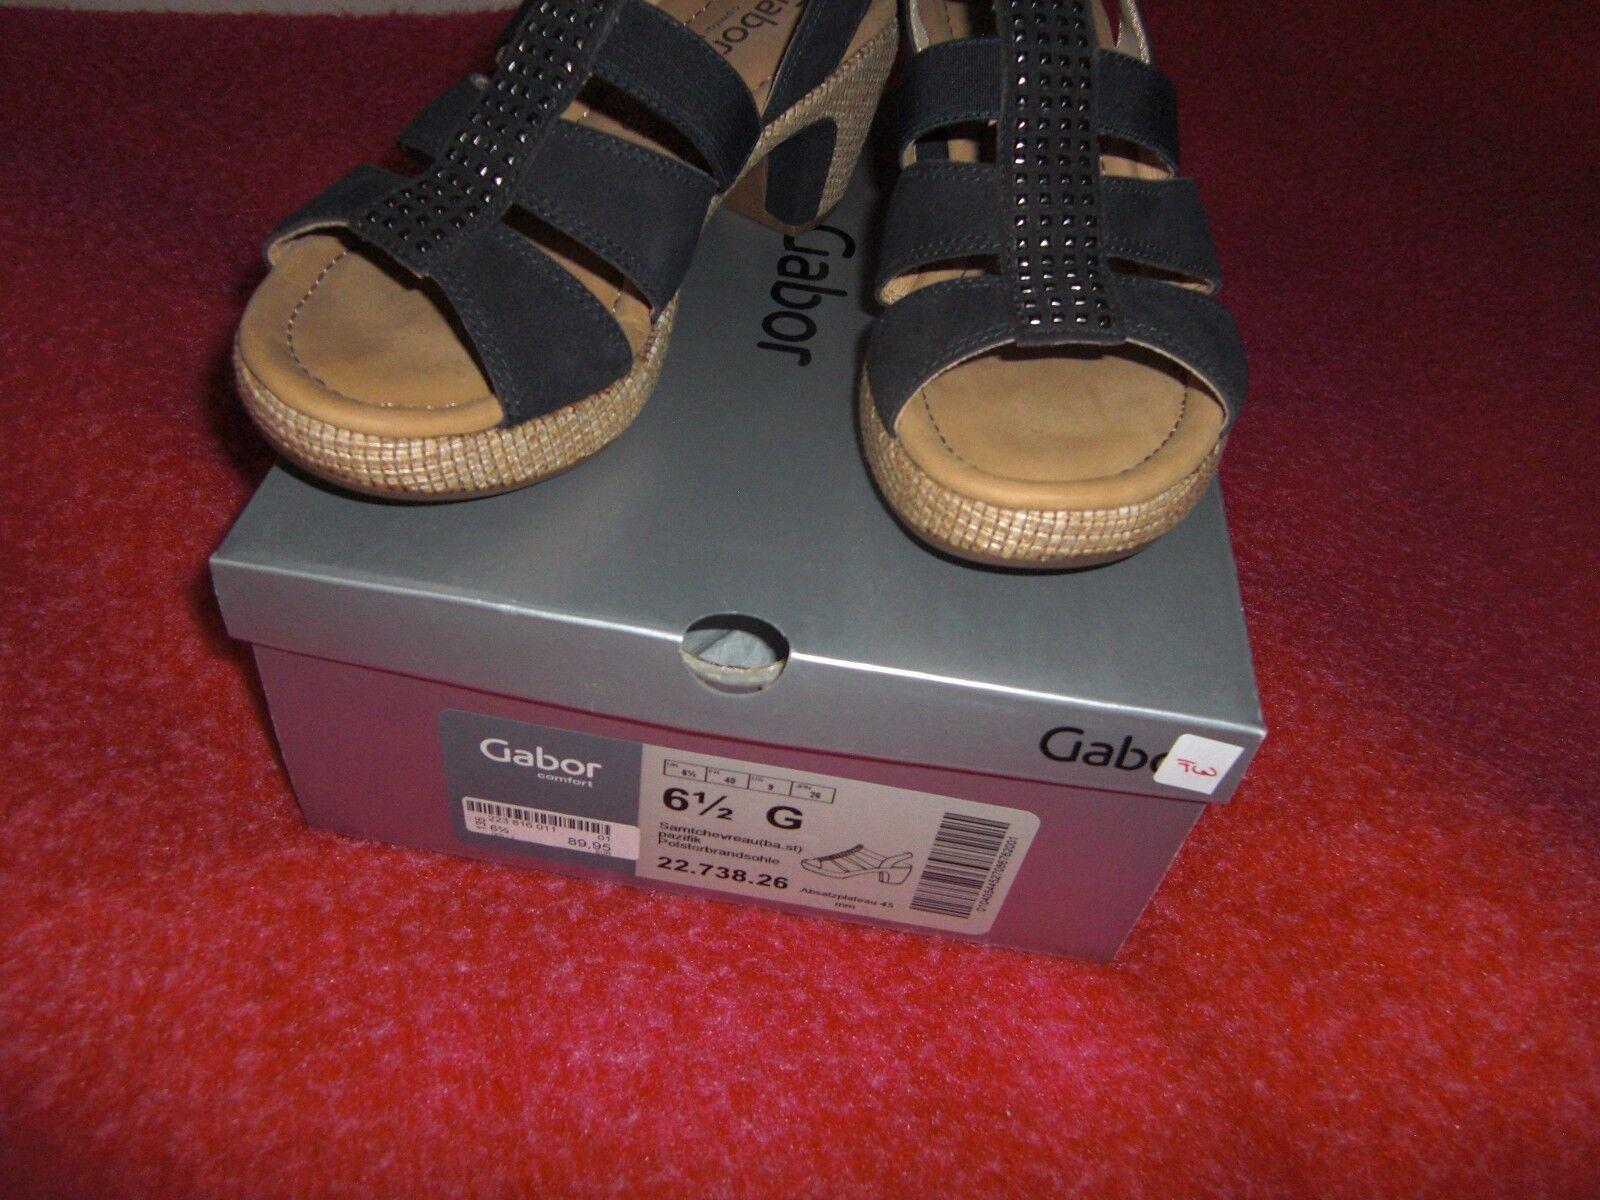 Gabor Sandalette G 6,5 G Sandalette (40) 0fcb62